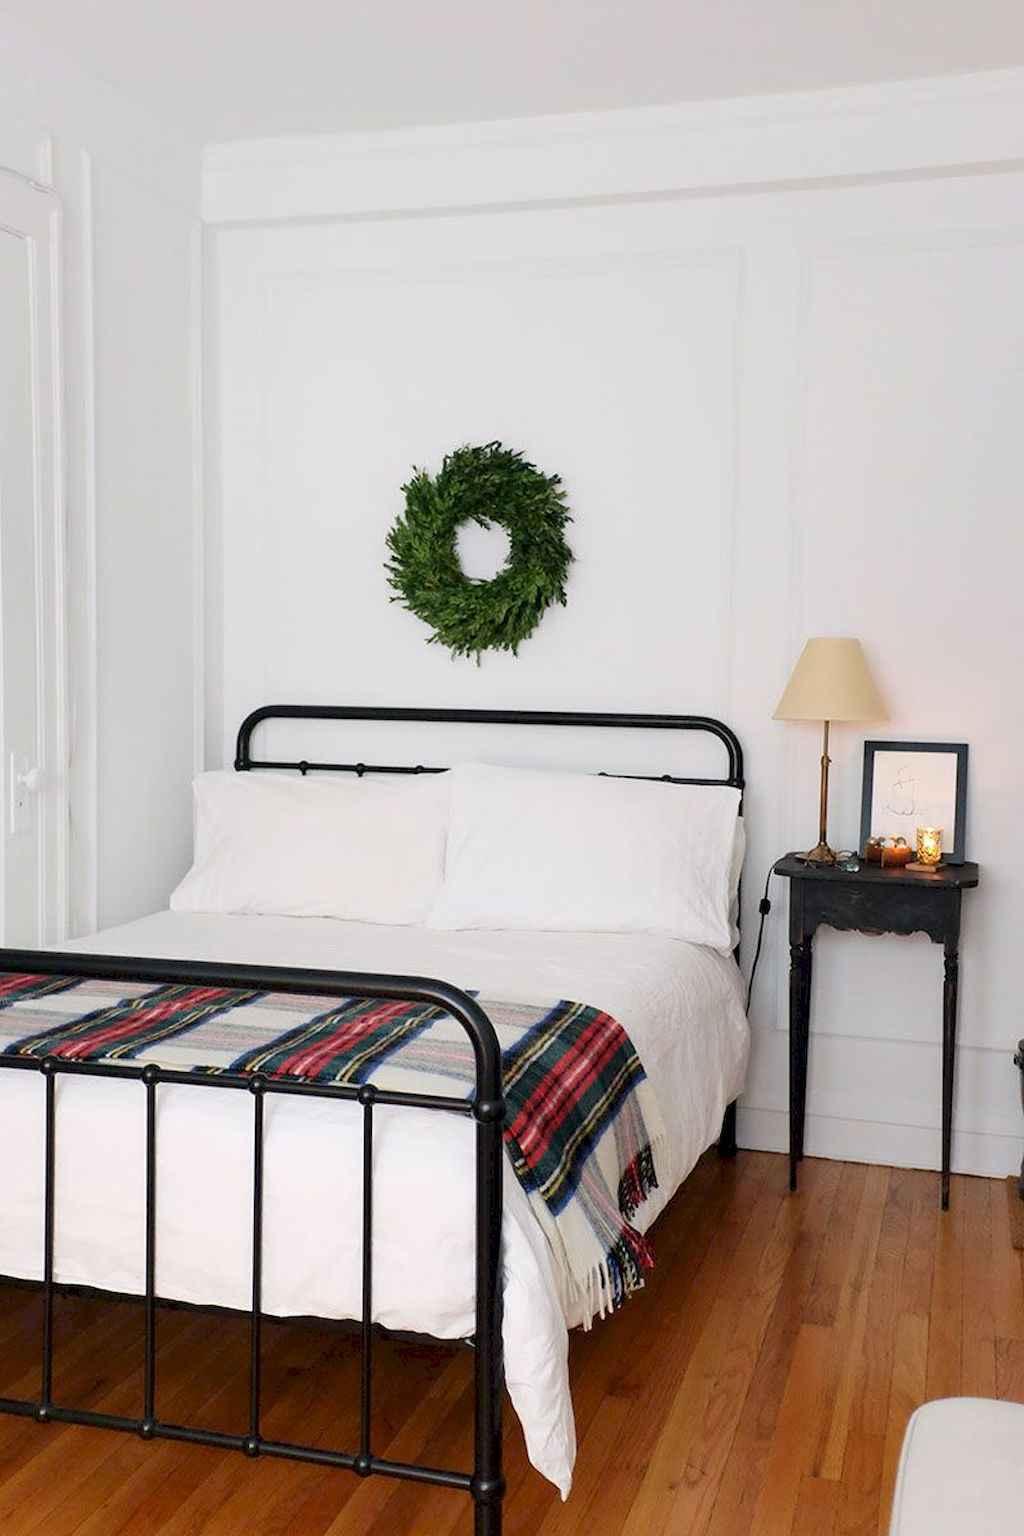 40 Genius Studio Apartment Ideas Decorating On A Budget (32)